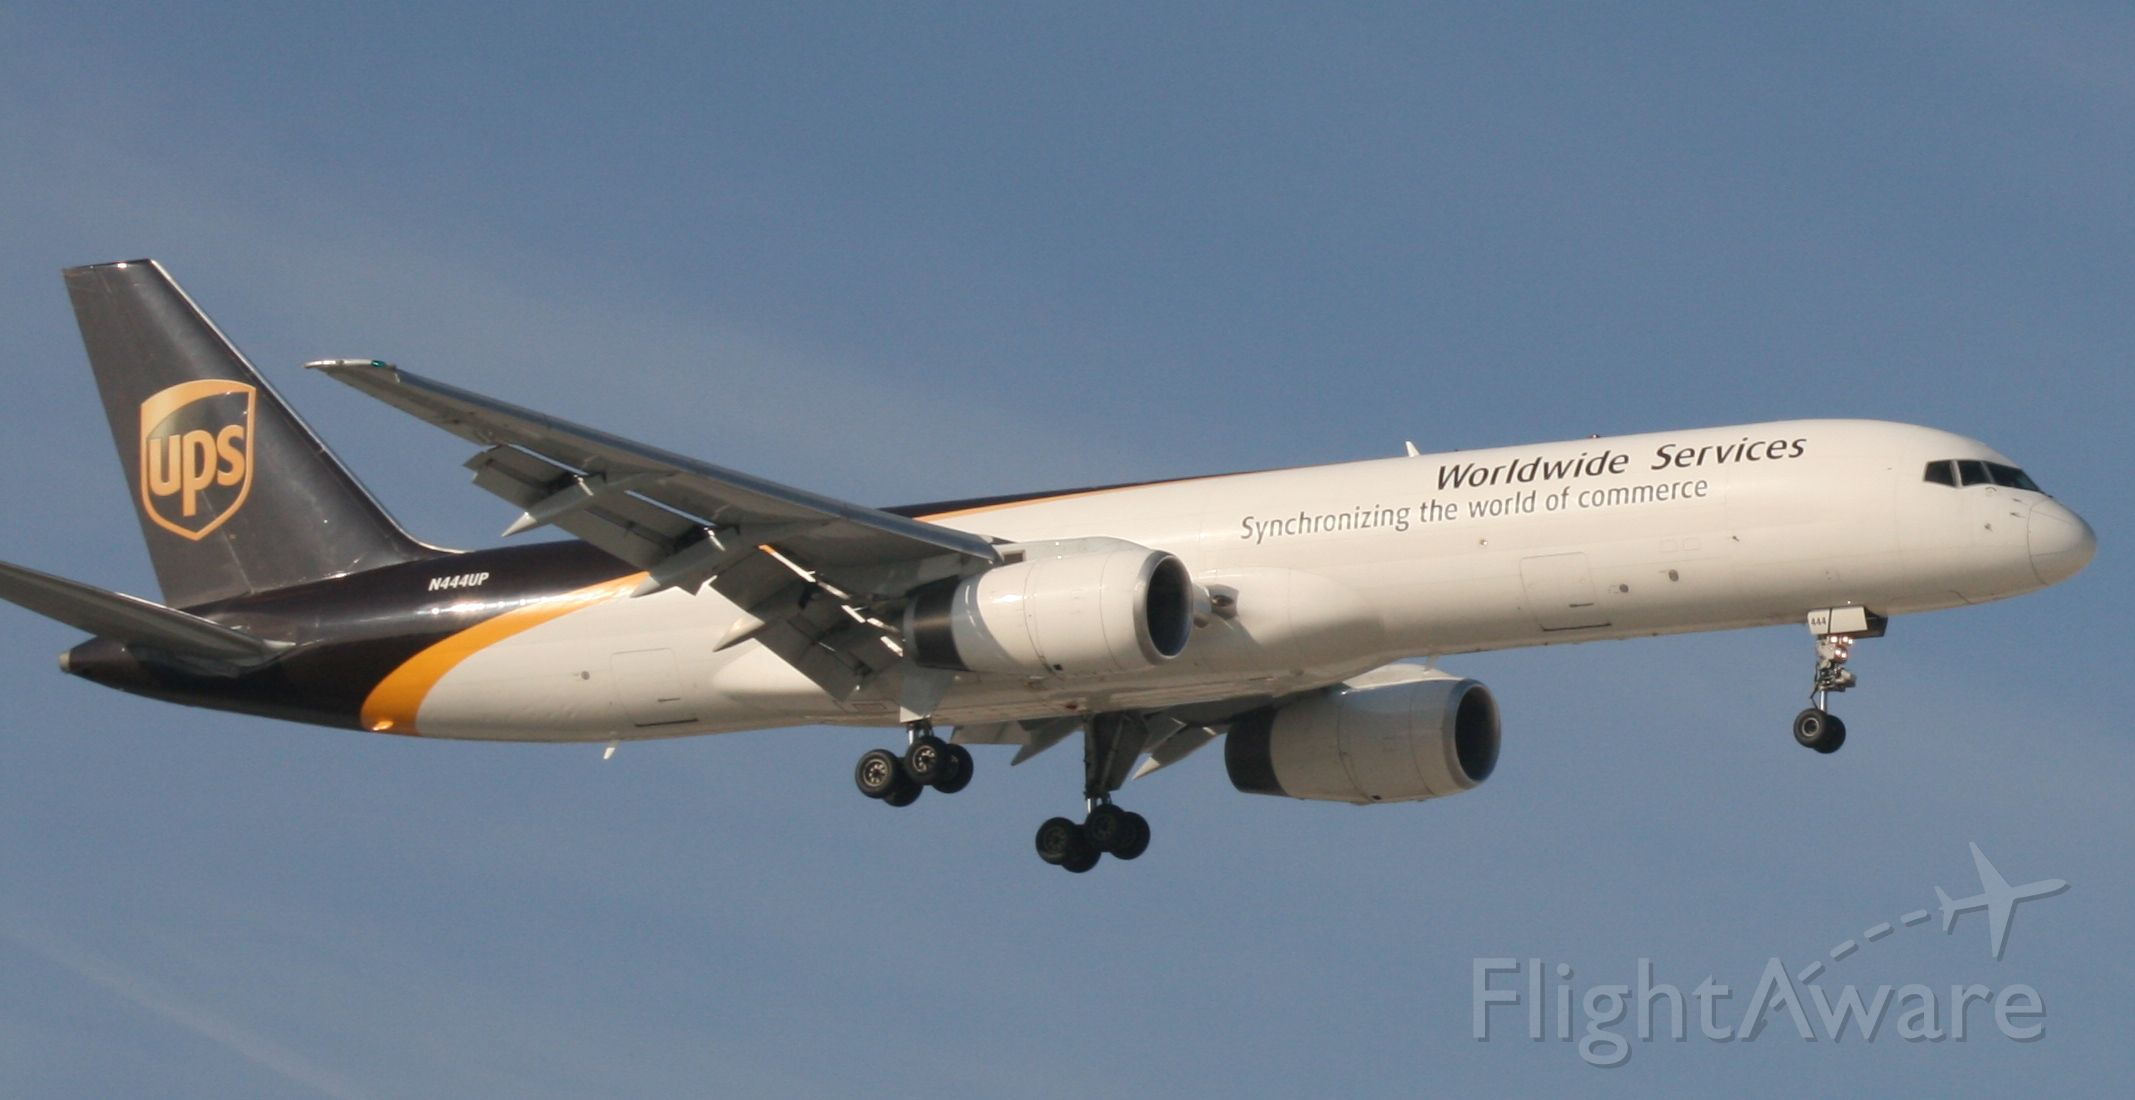 Boeing 757-200 (N444UP) - UPS 35L 3/13/11